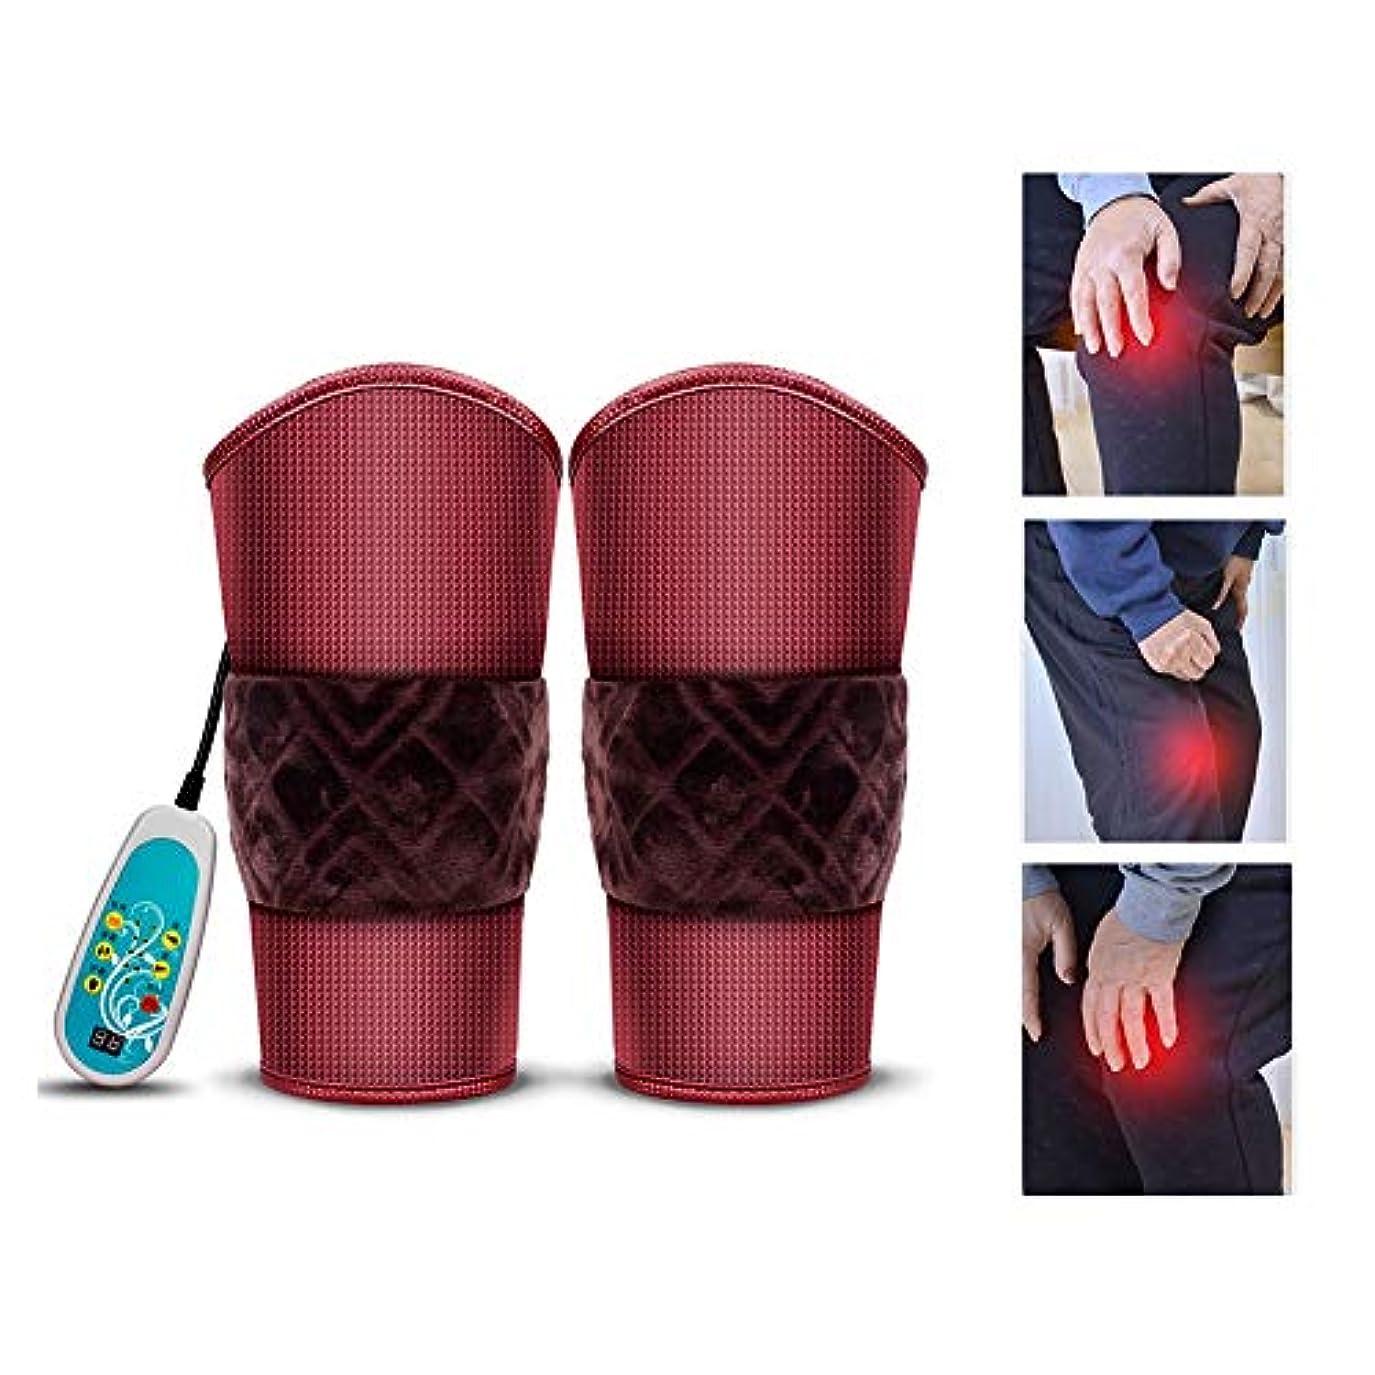 適用する本ボイコット加熱膝ブレースサポート - 膝ウォームラップヒーテッドパッド - 9マッサージモードと3ファイル温度のセラピーマッサージャー、膝の怪我、痛みの軽減